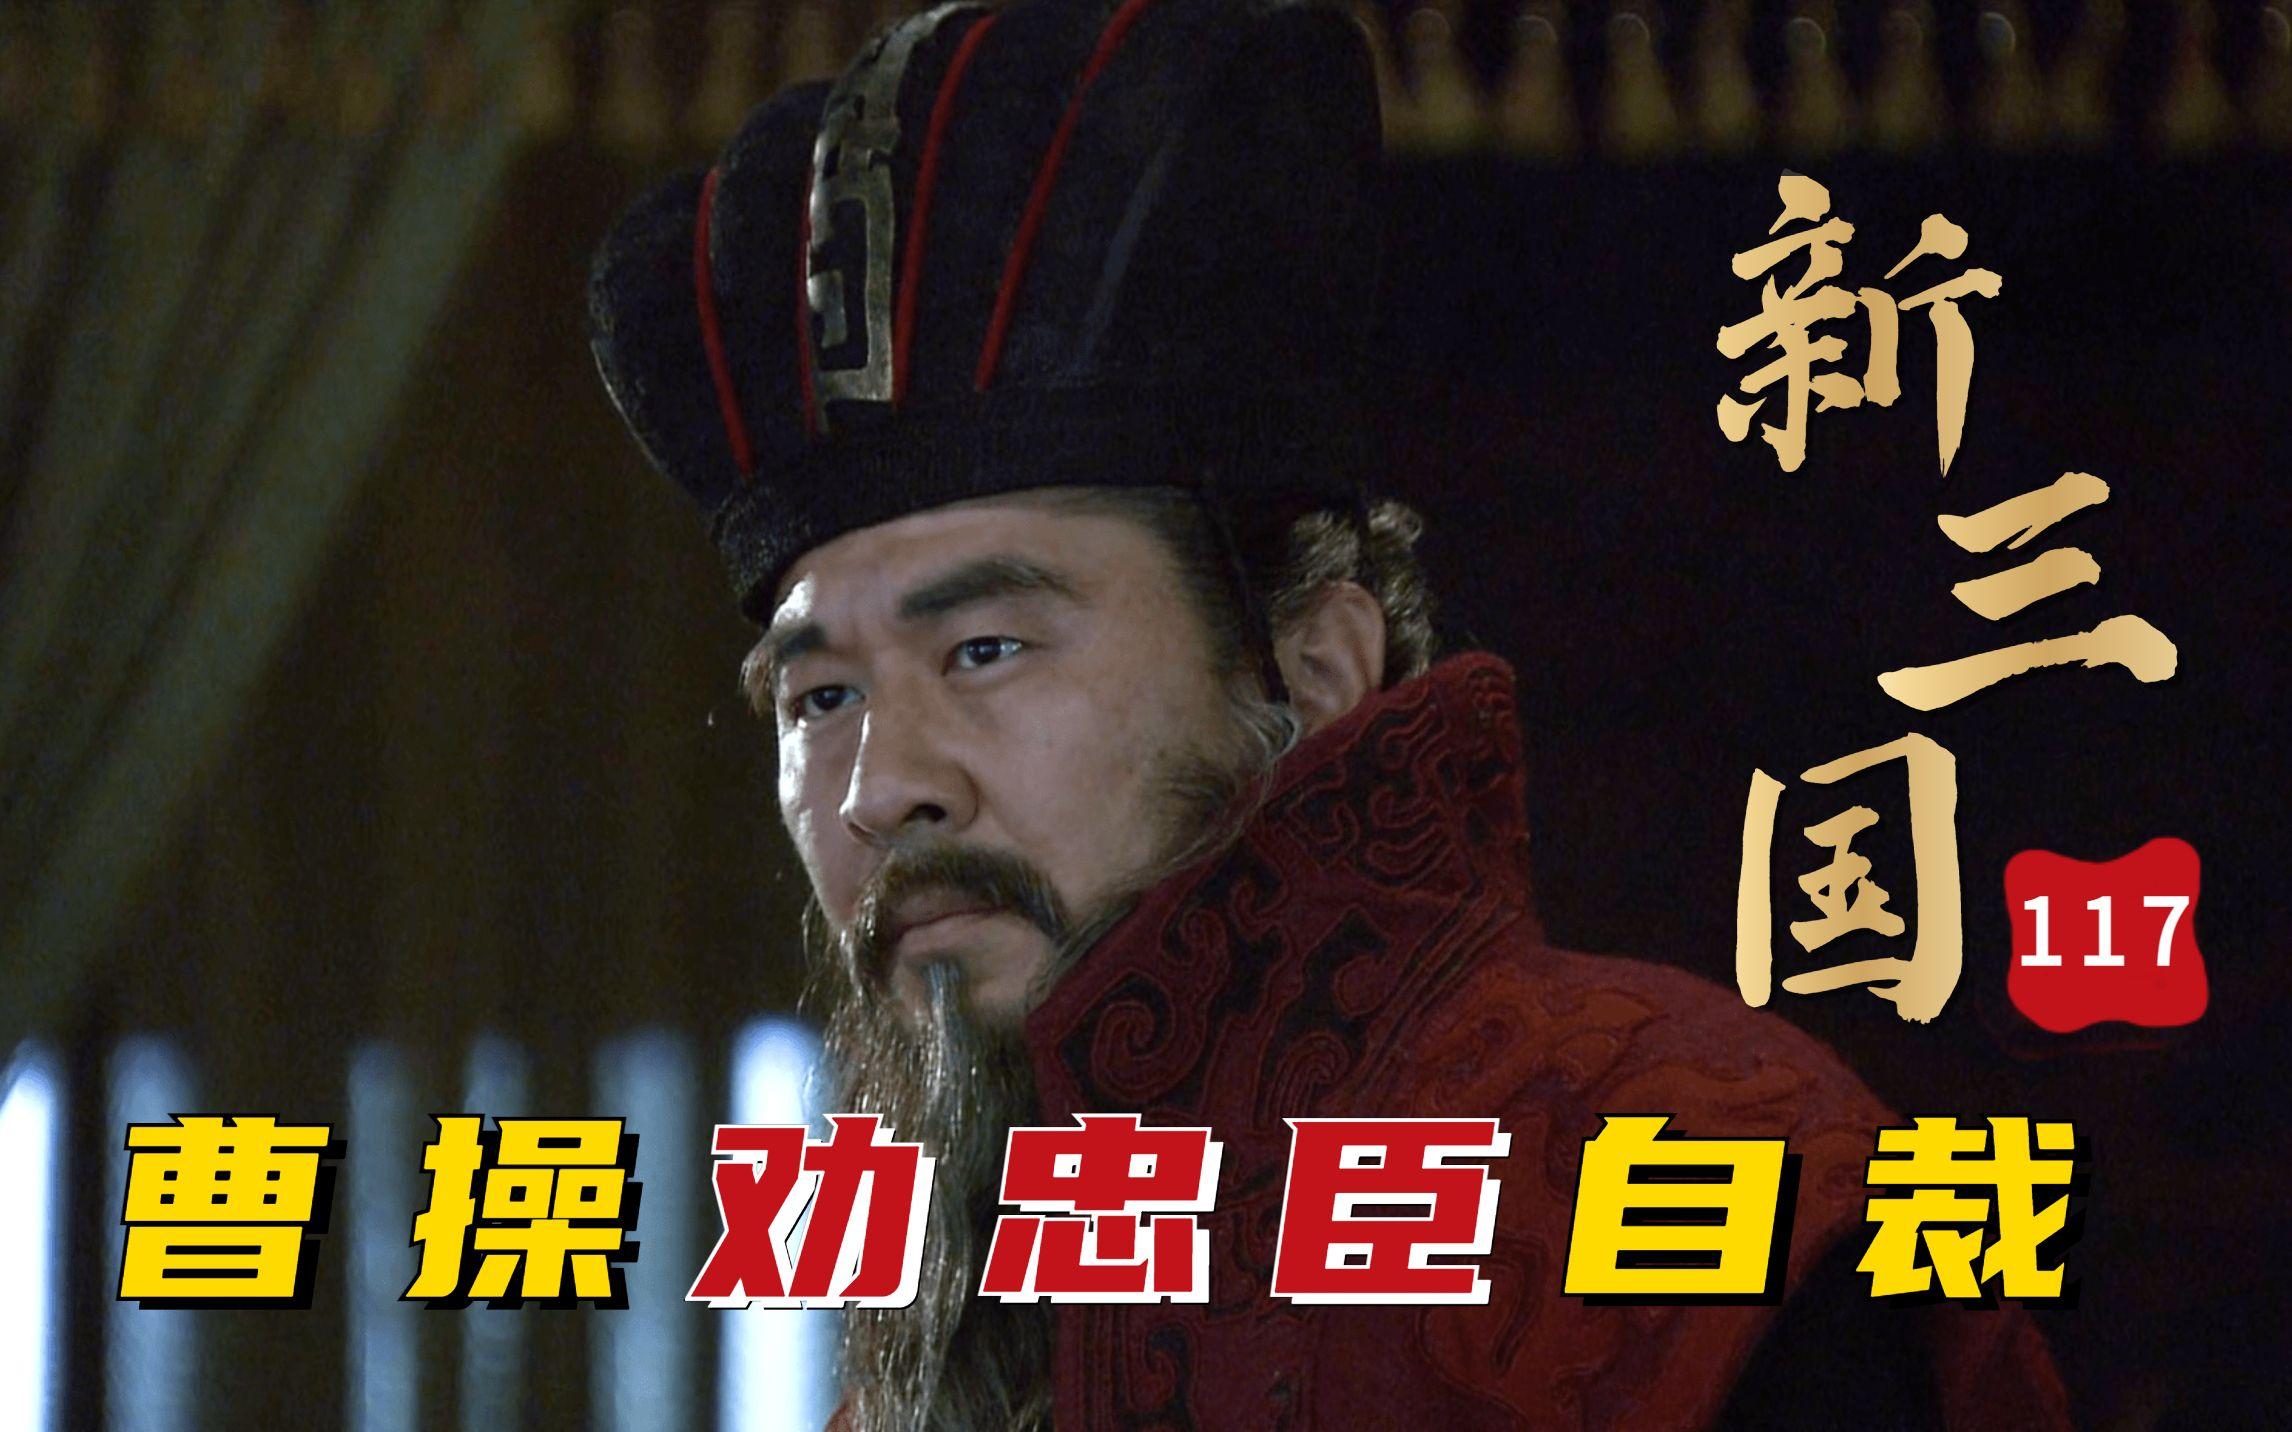 新三国117回:曹操封为魏王,荀彧白马门前闹事,看到盒中无果,明白其意